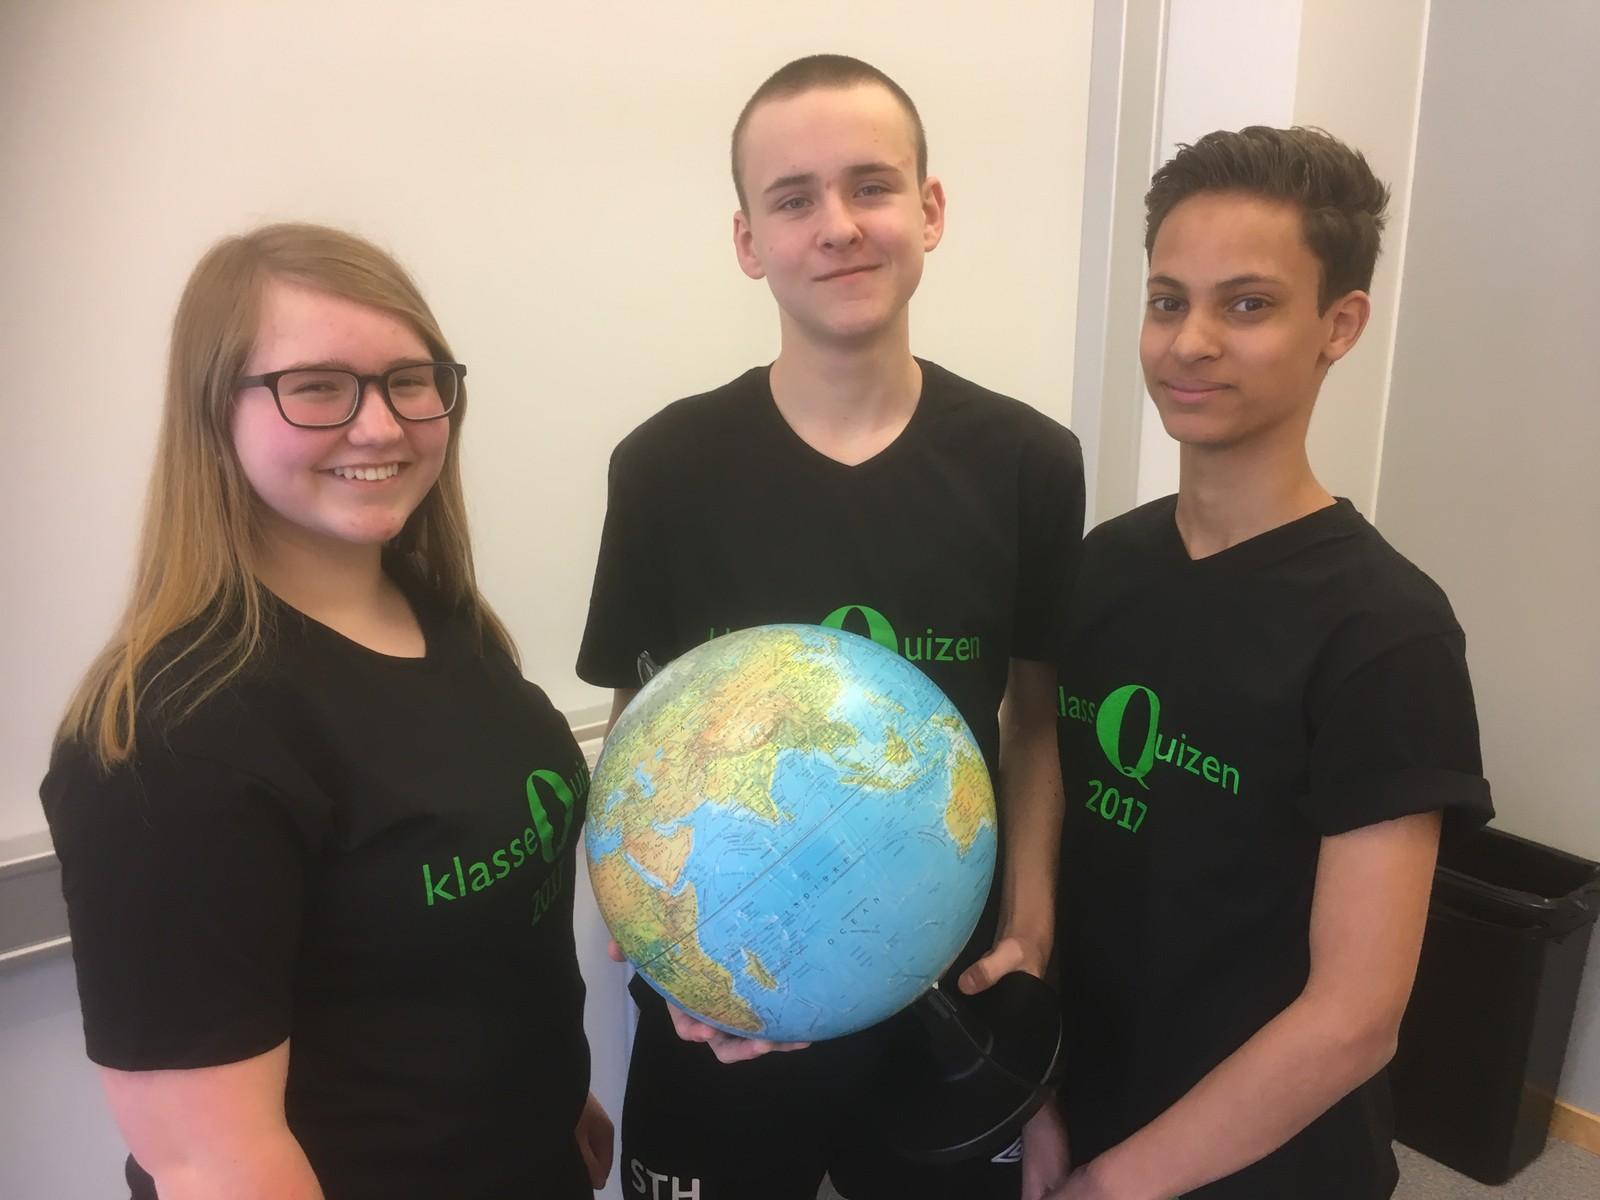 Mari Elise Kolstad, Thomas Hansen og Åsmund Lorch-Falch fra Eidskog ungdomsskole